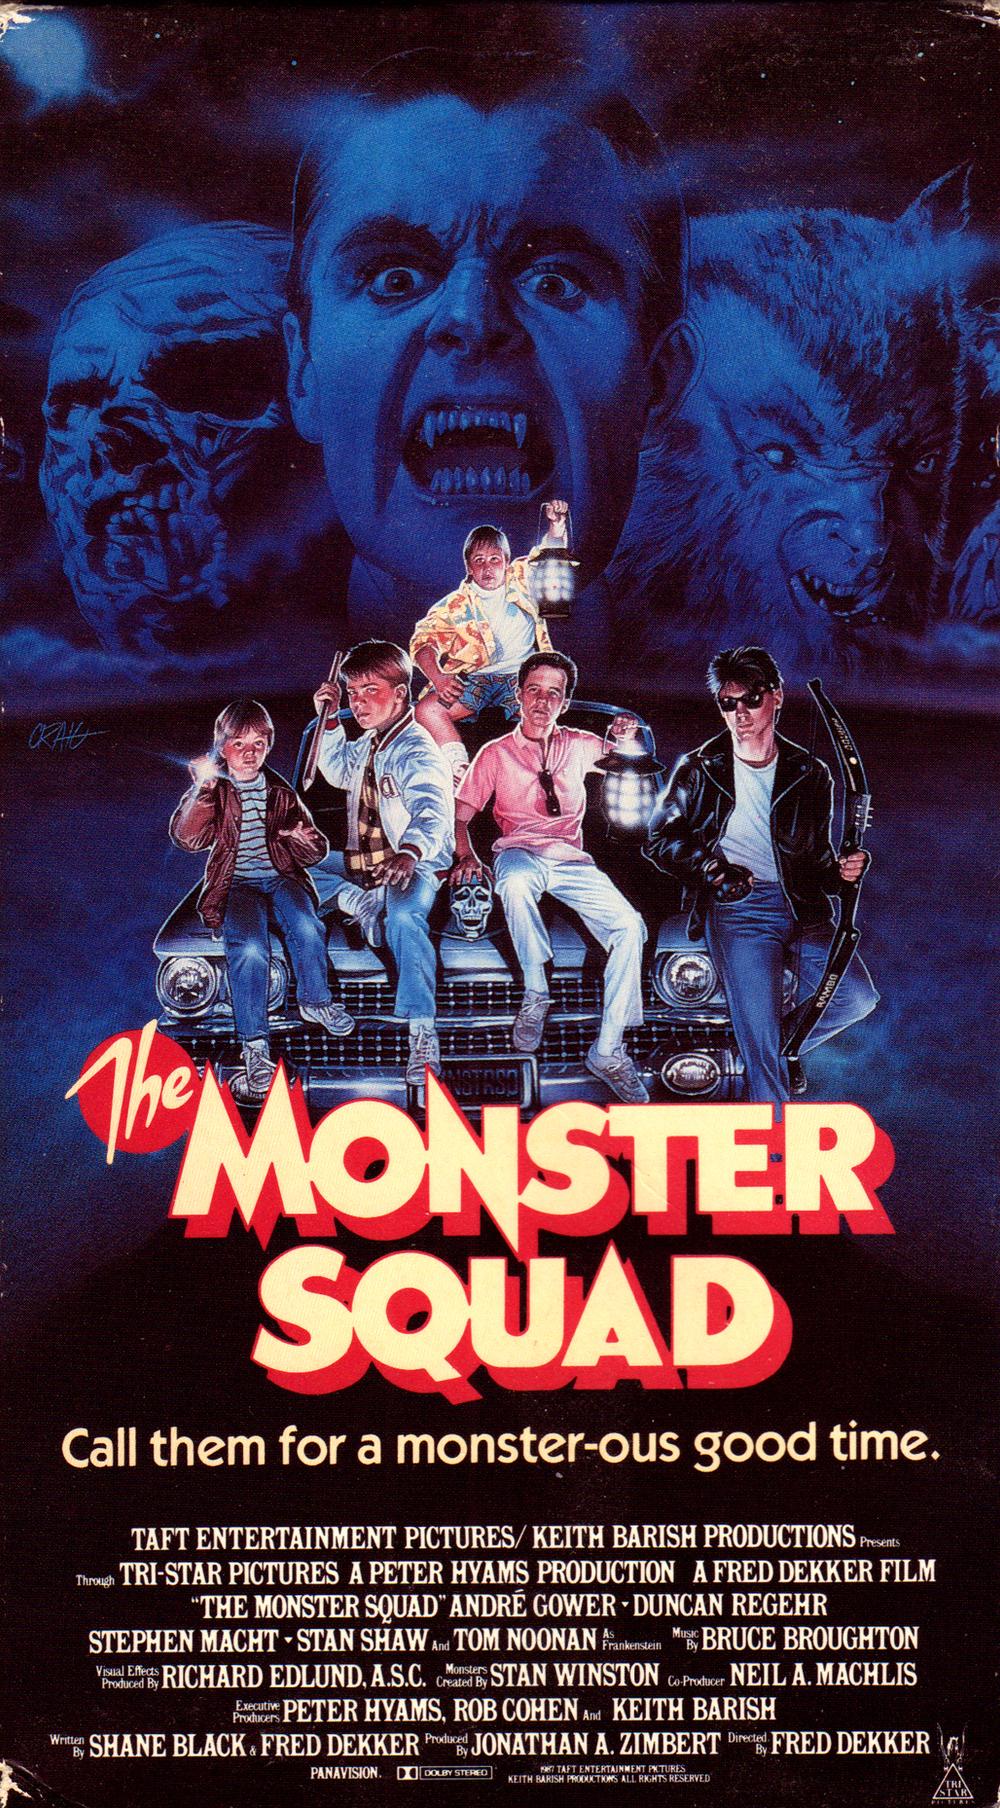 Halloween Horror Films Week 4 In The Menus